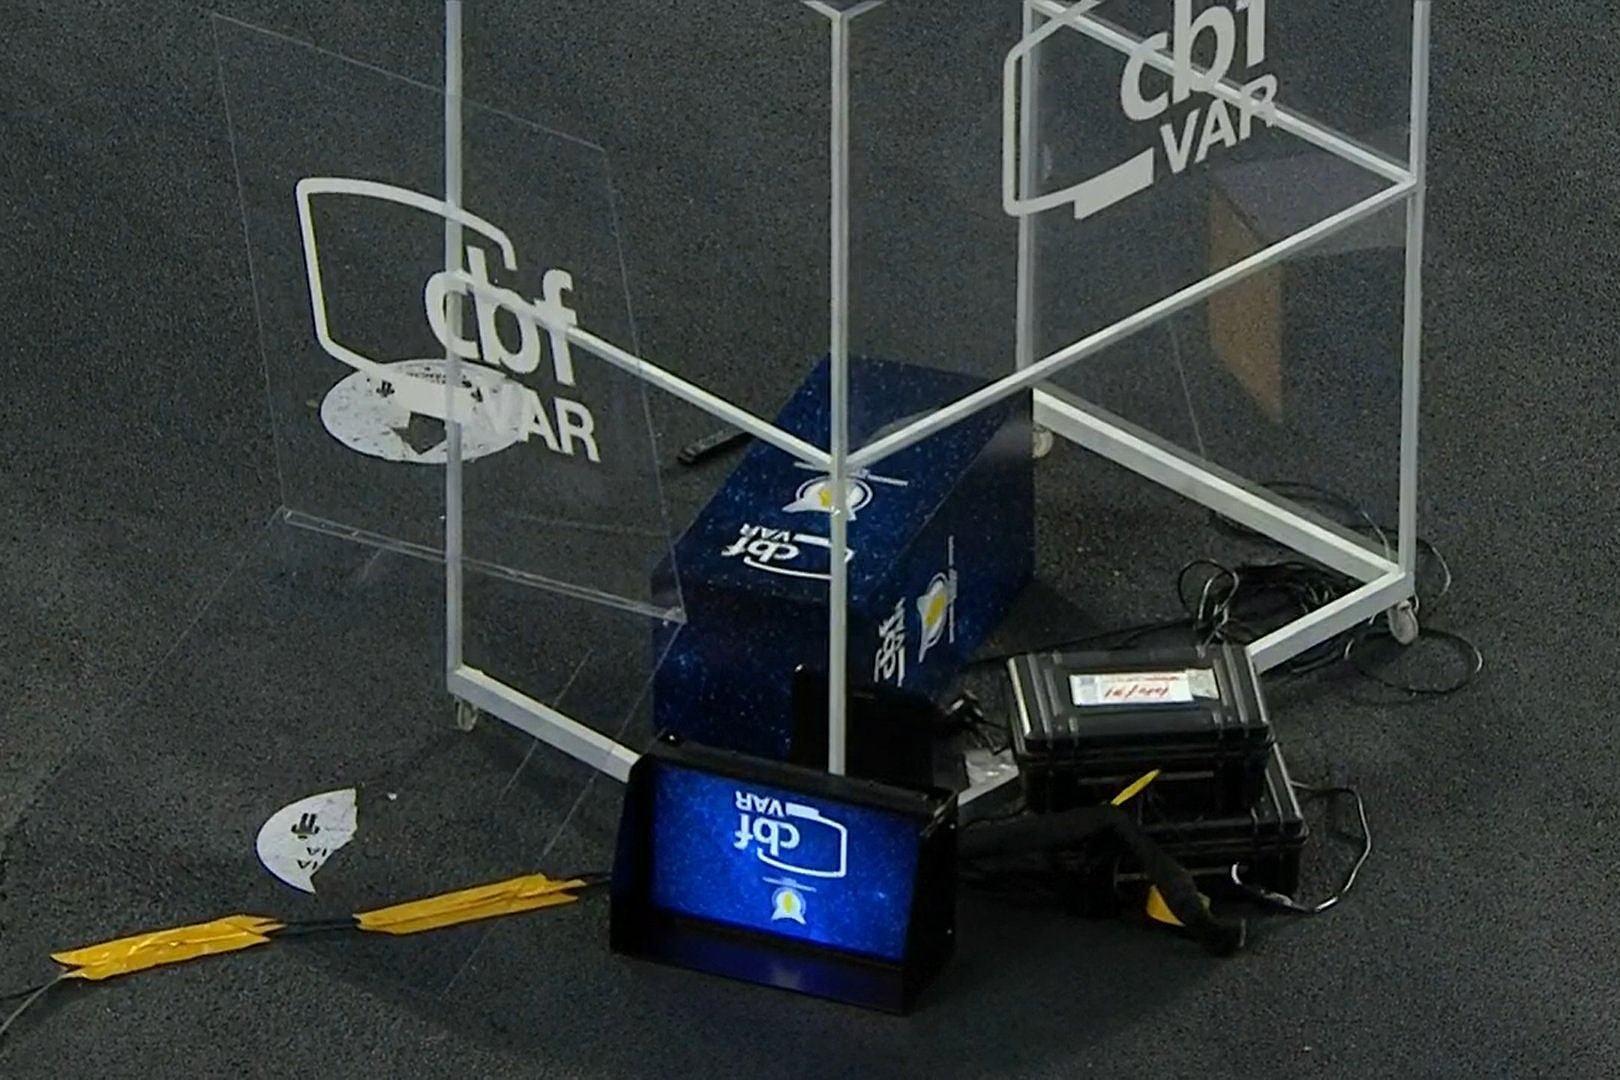 Cabine do VAR, da CBF, desmontada no chão após tomar um chute do goleiro Gatito Fernandez.